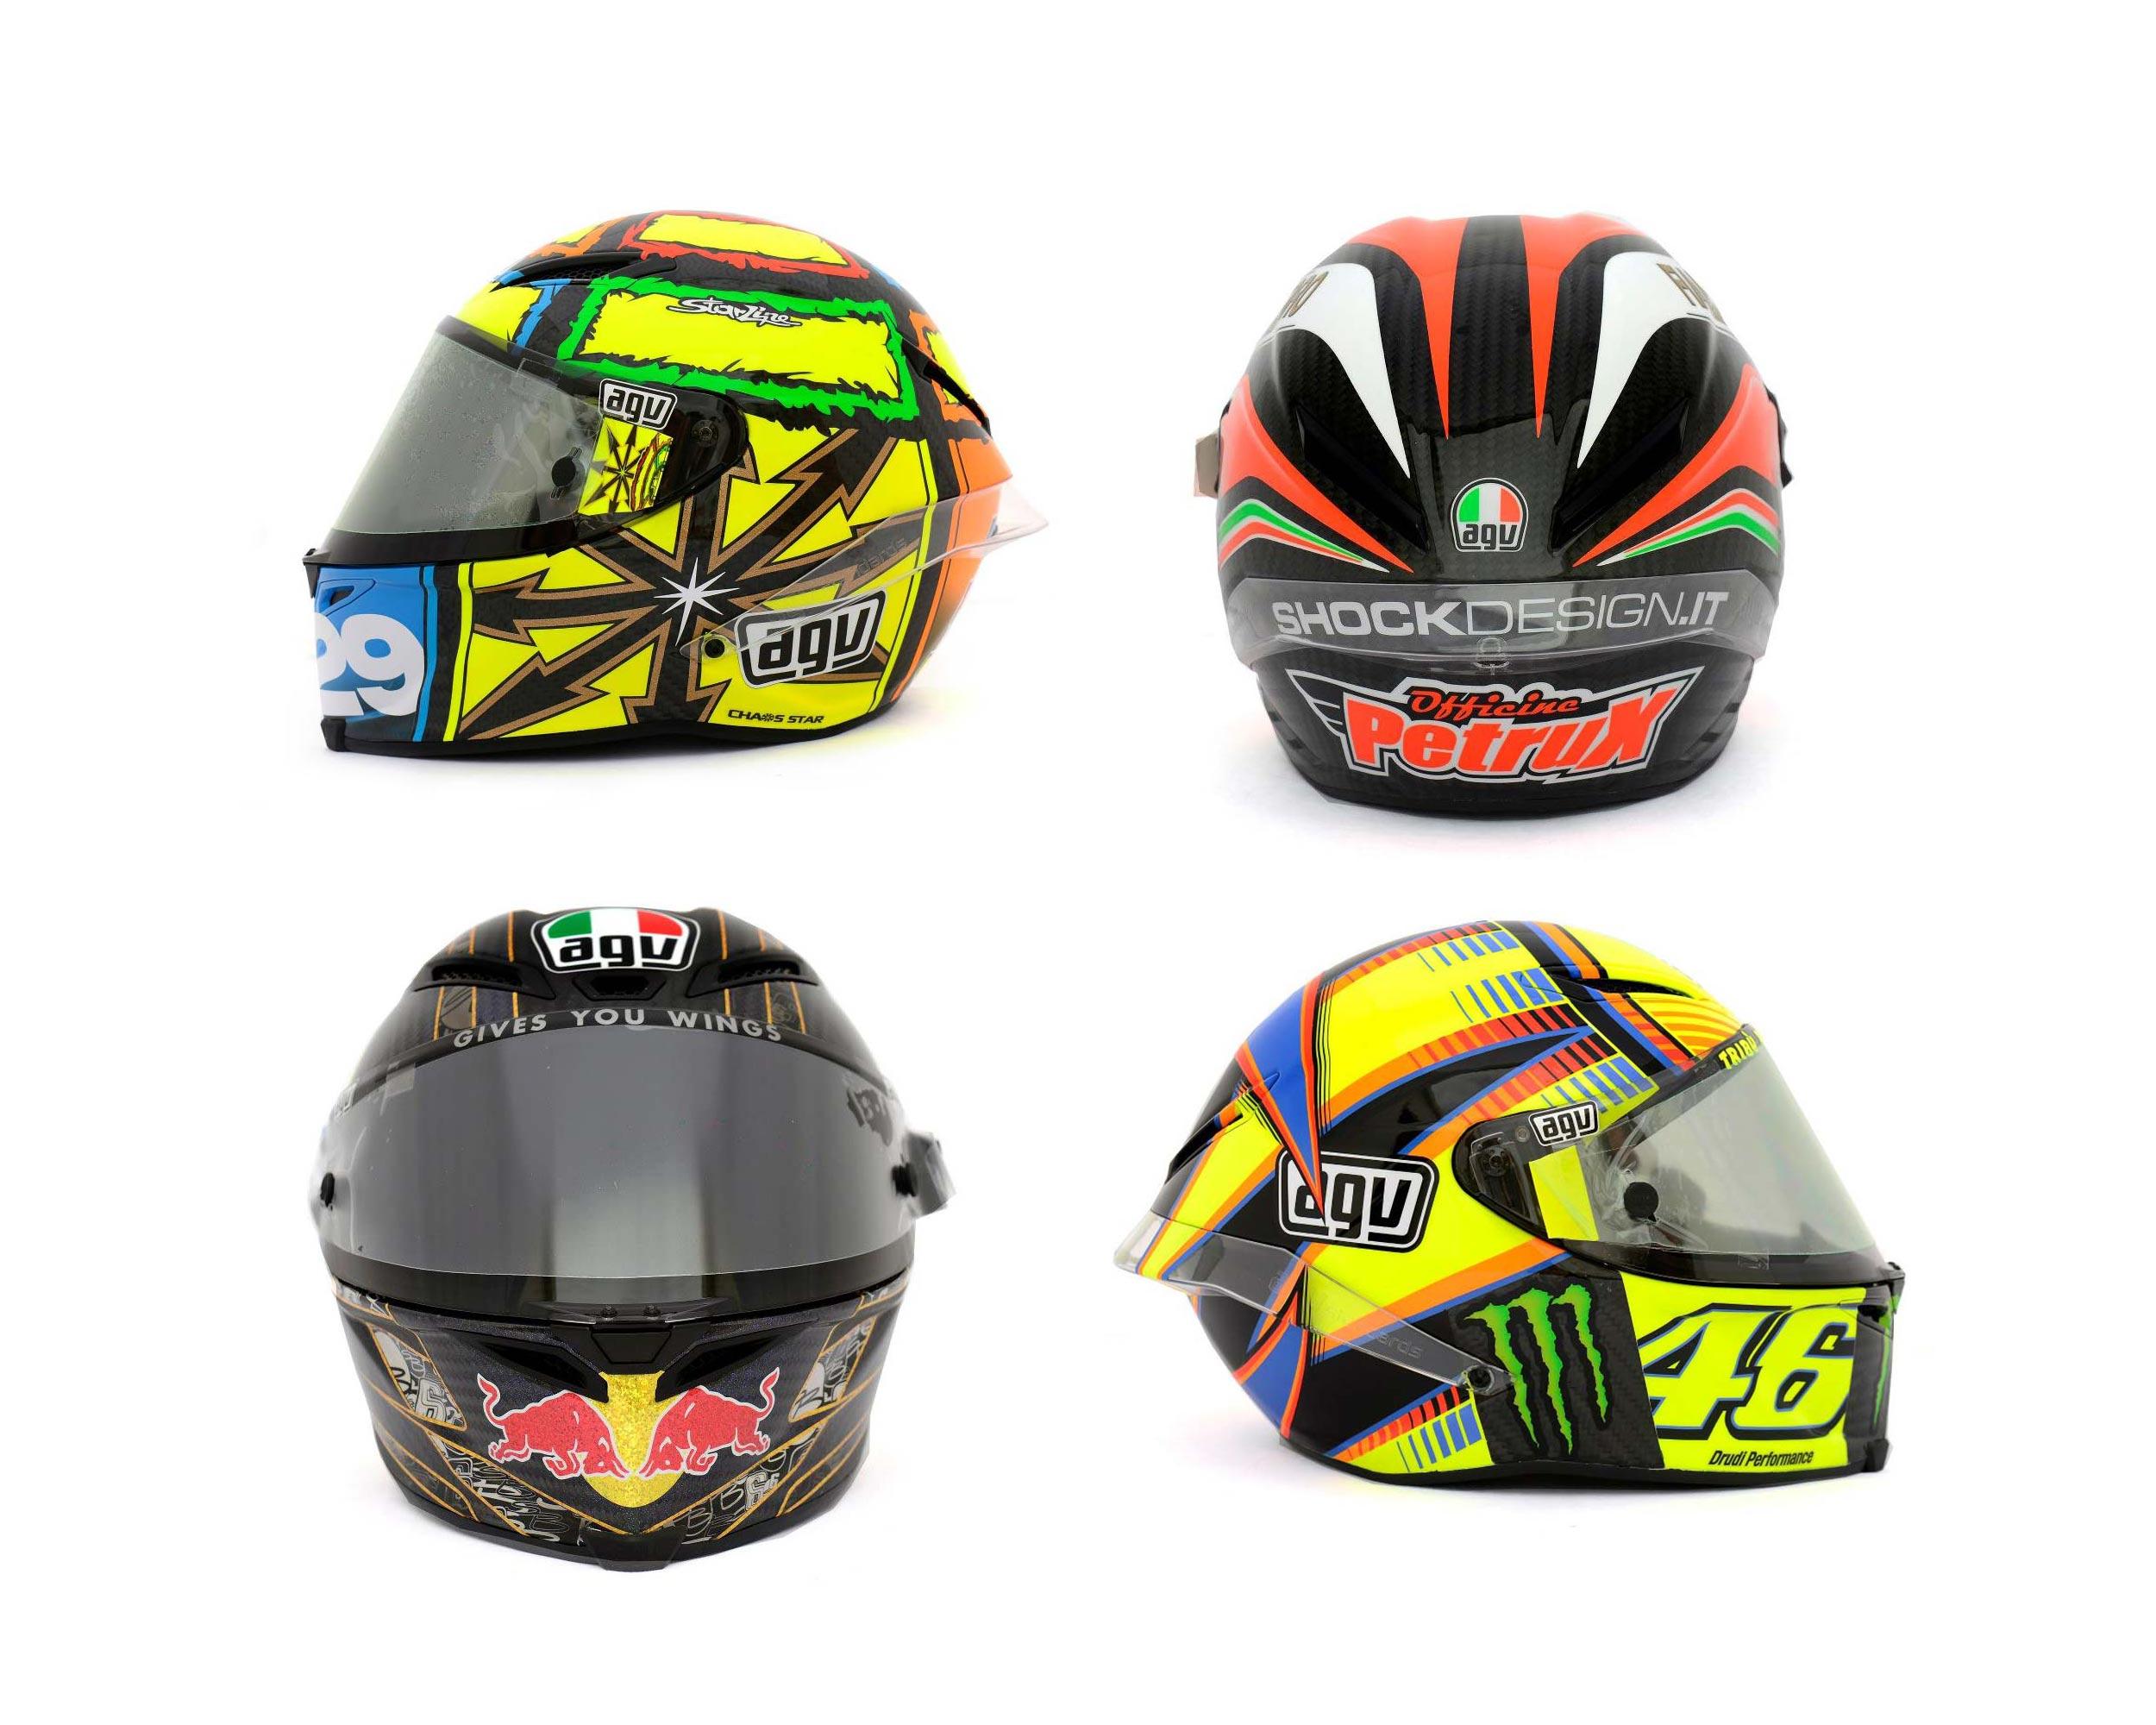 photos the five agv pista gp helmets in motogp asphalt rubber. Black Bedroom Furniture Sets. Home Design Ideas